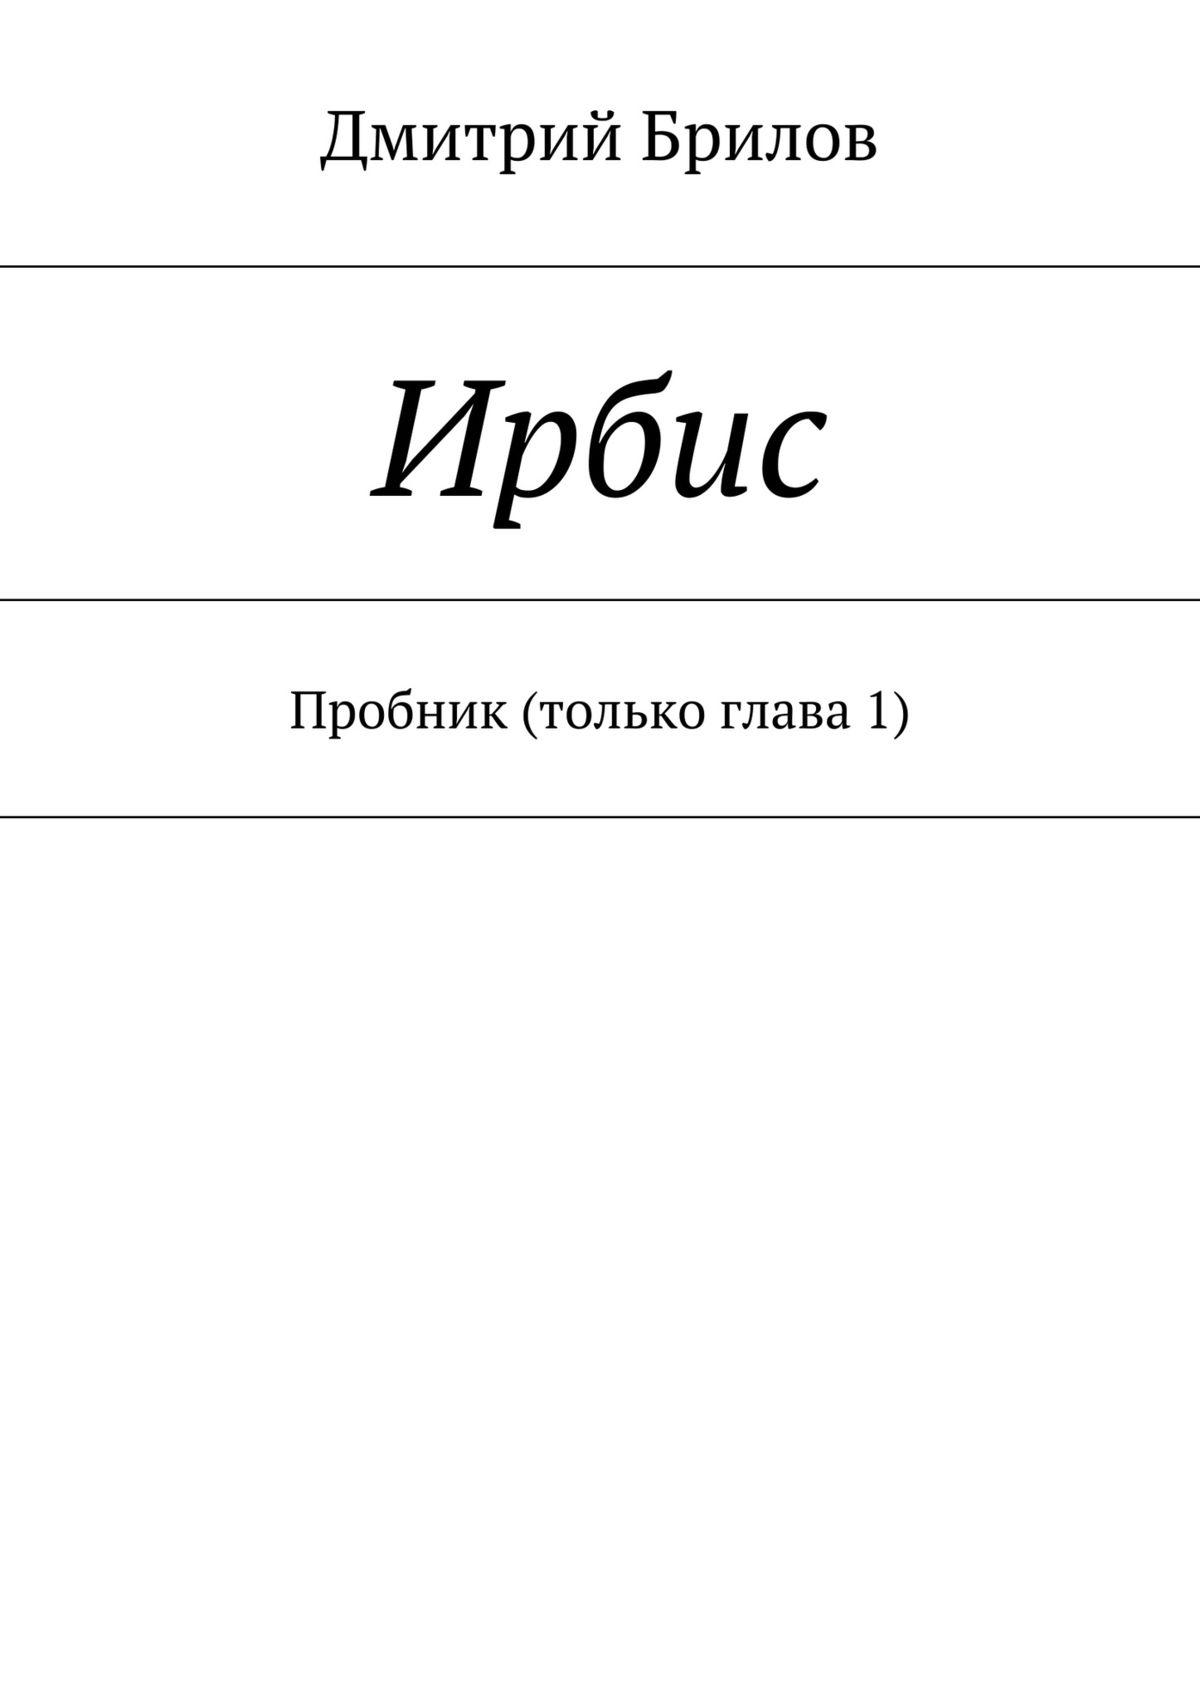 Ирбис. Пробник (только глава1)